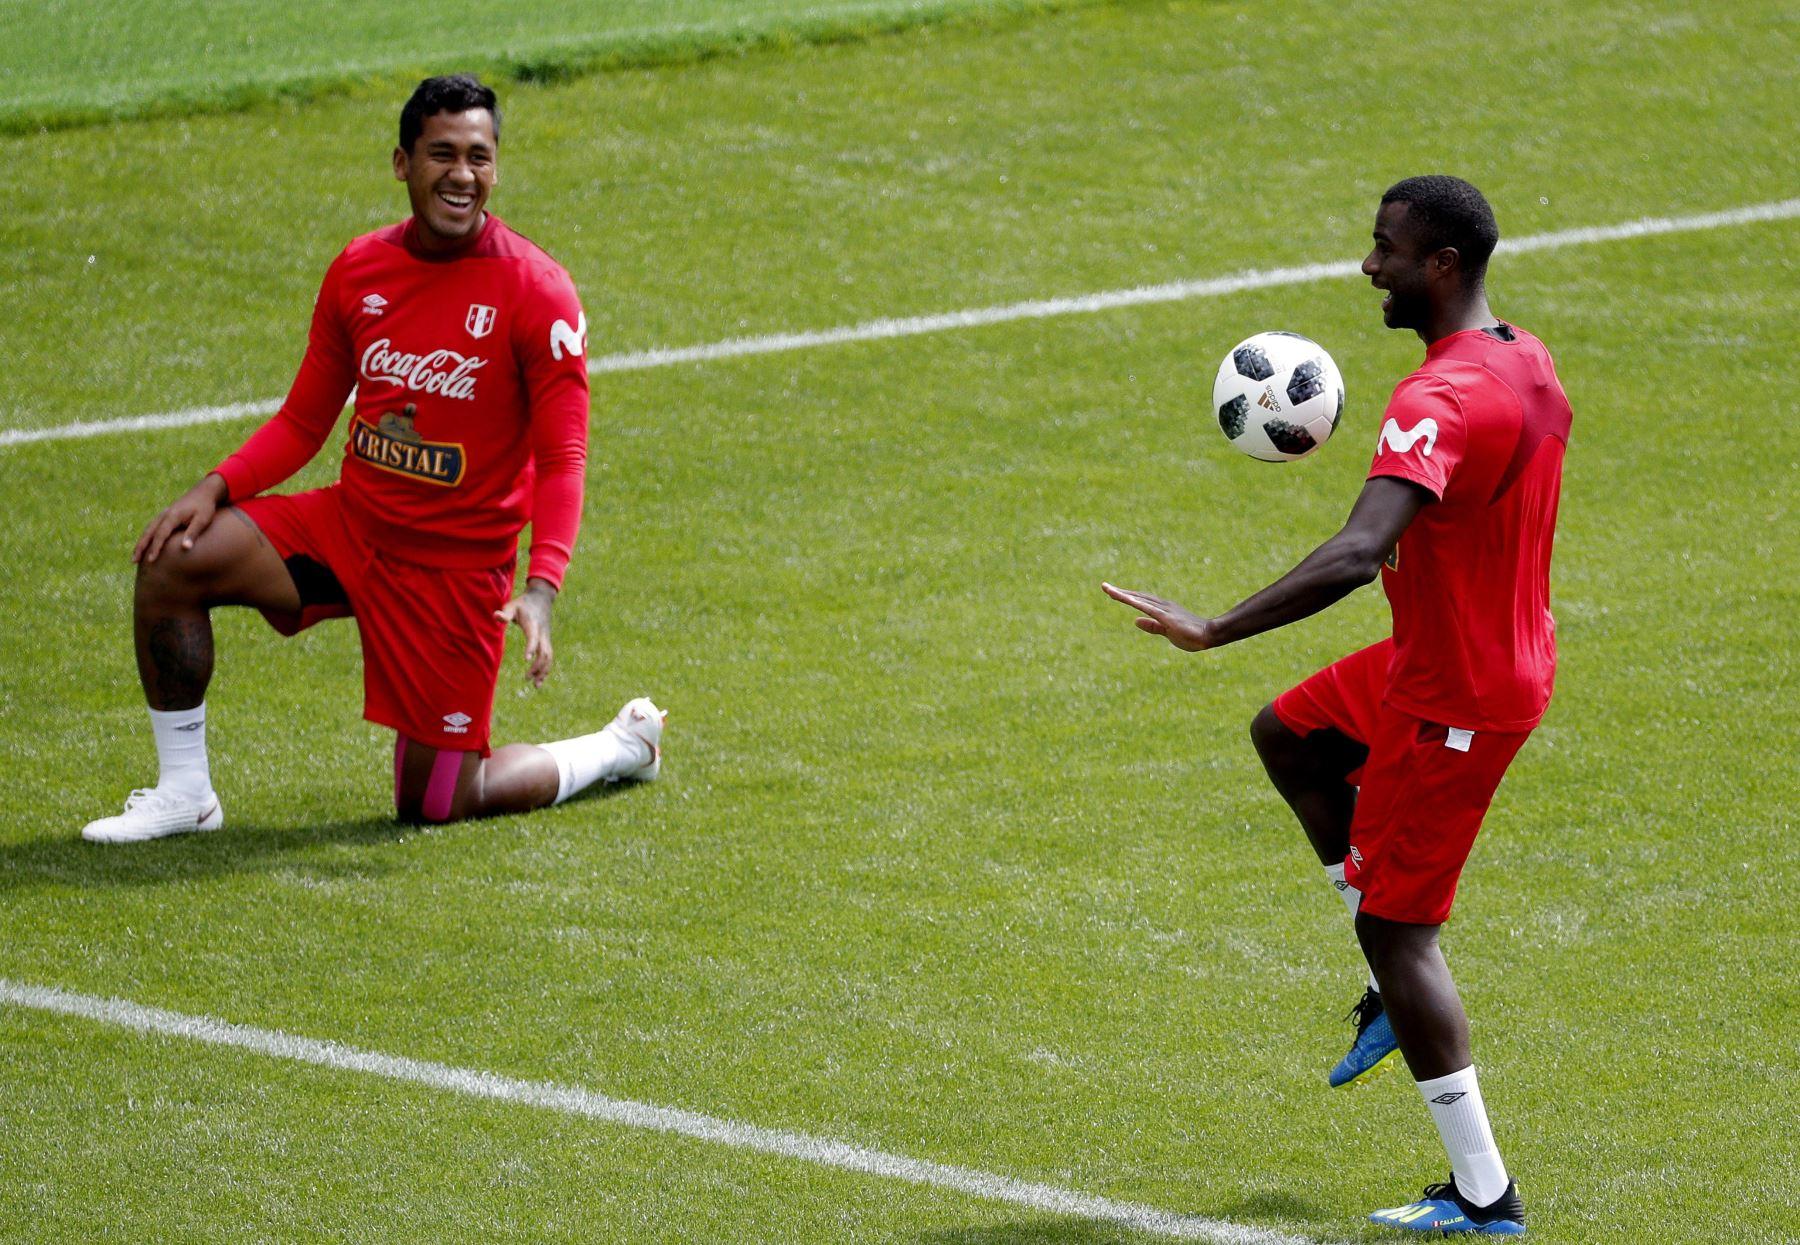 Los jugadores de la selección de Peruana, el defensa Christian Ramos (d) y el centrocampista Renato Tapia, durante el entrenamiento de la selección en el estadio Khimki de Moscú. Foto: EFE